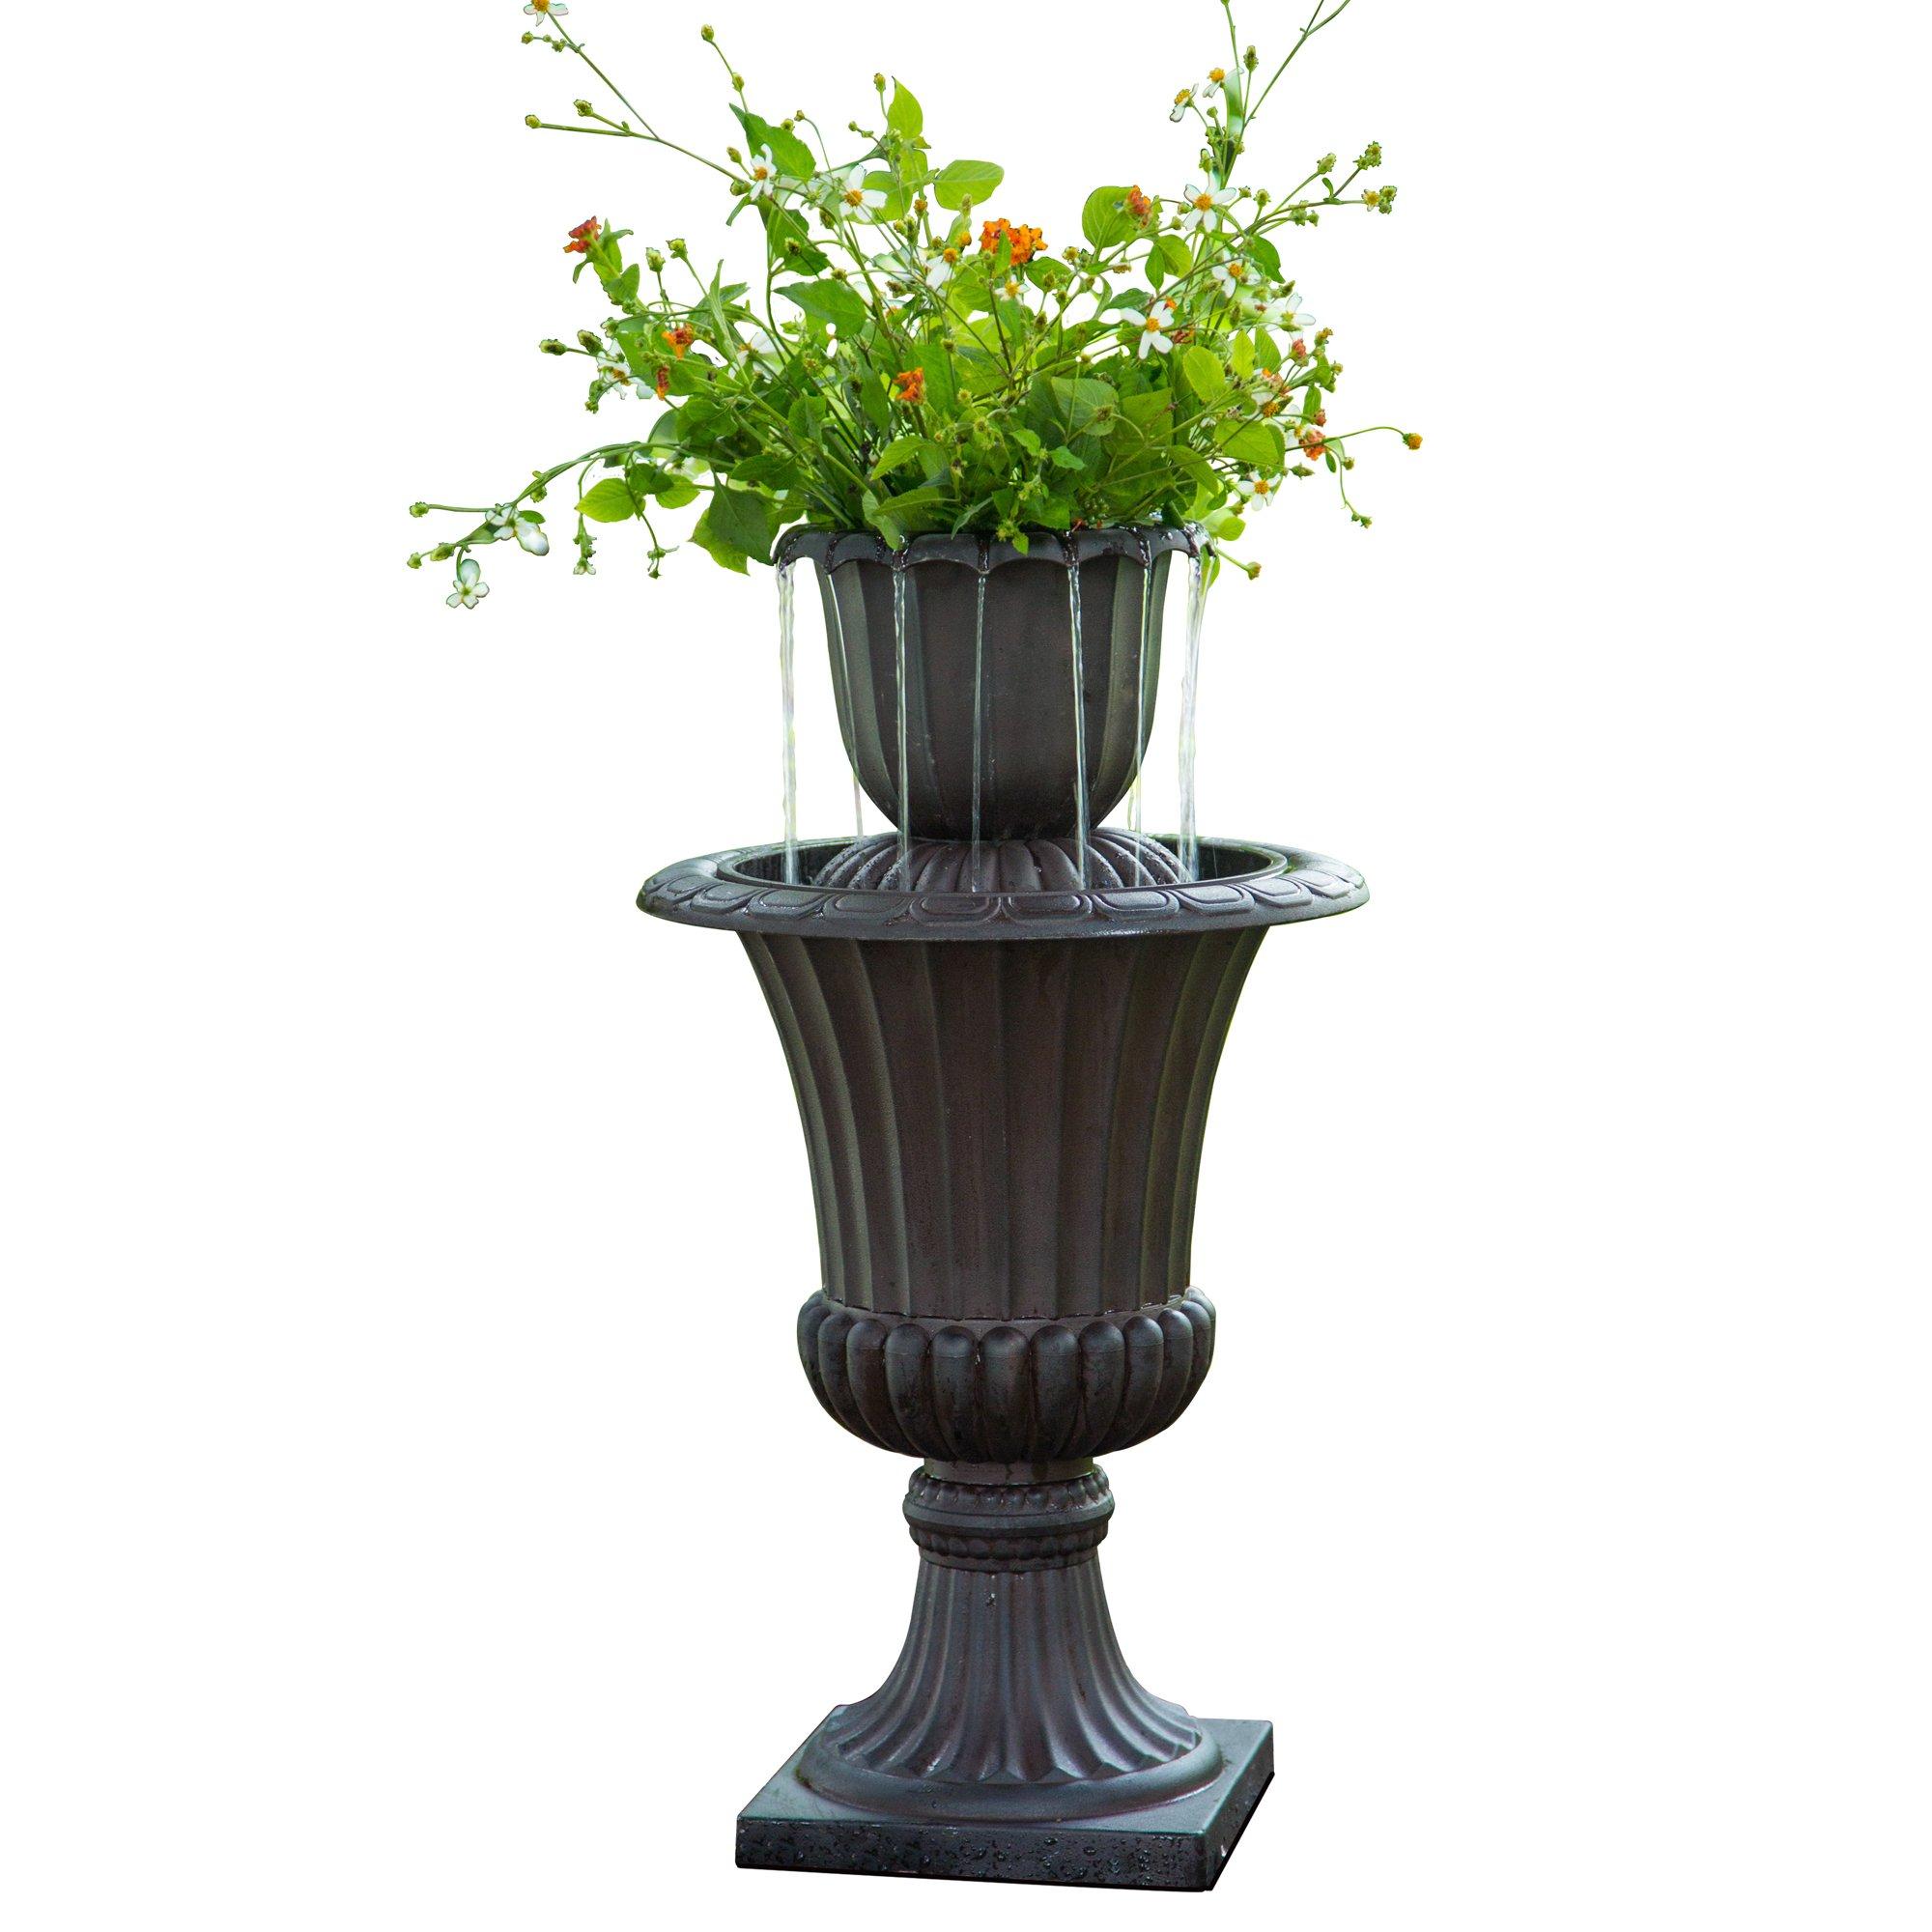 Peaktop Urn Flower Pot Water Fountain, 16.1'' x 28.3'' by Peaktop